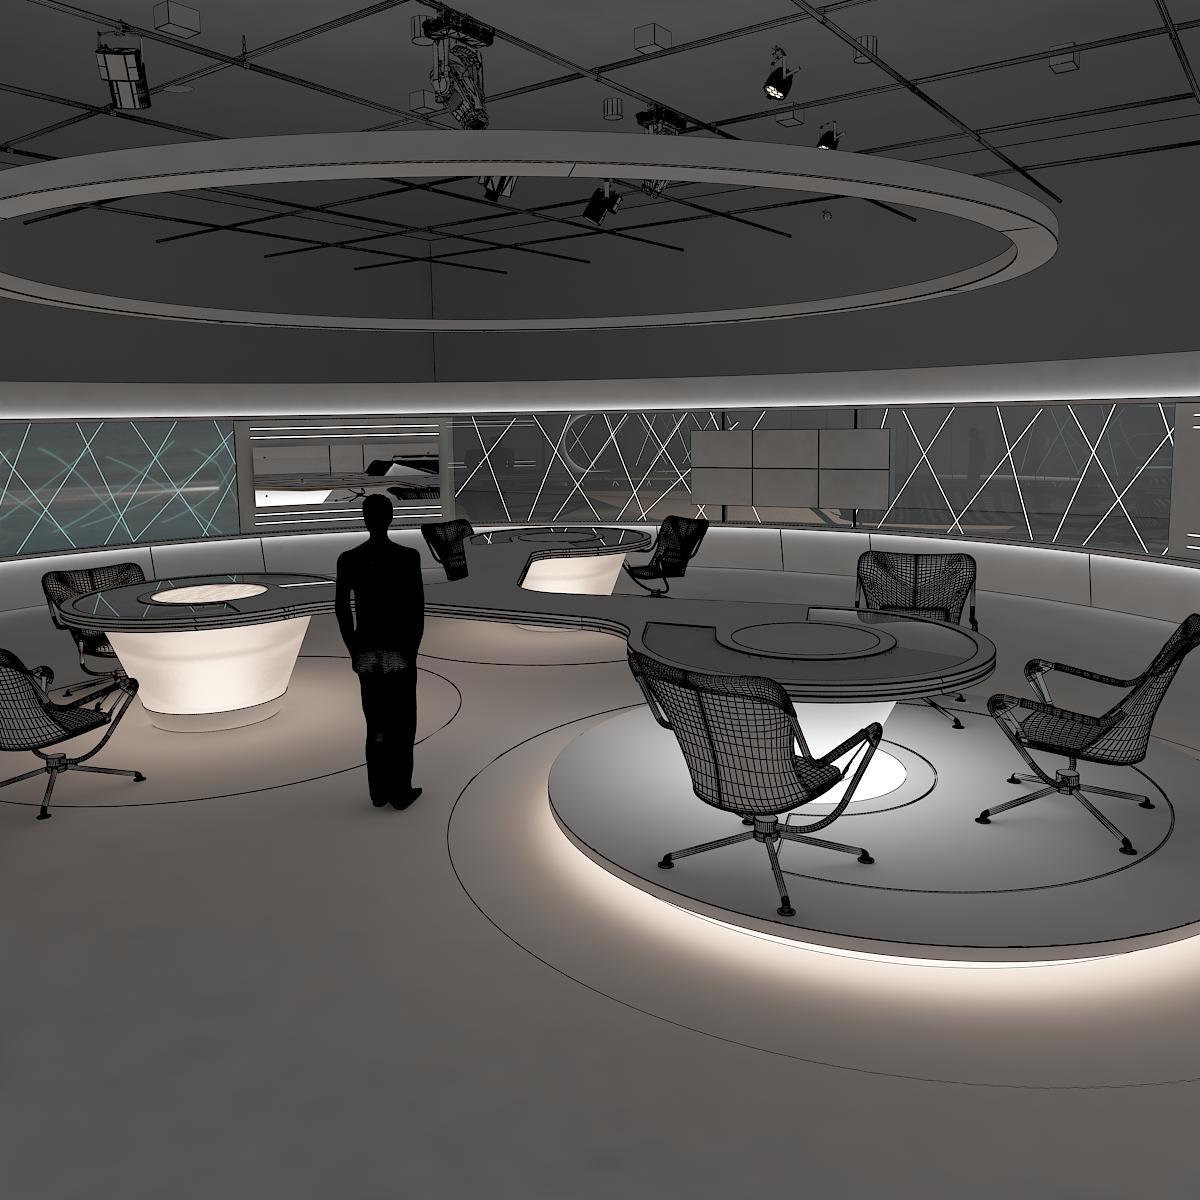 виртуал өргөн нэвтрүүлгийн телевизийн мэдээллийн студи 028 3d загвар max dxf fbx бүтэцтэй obj 215587